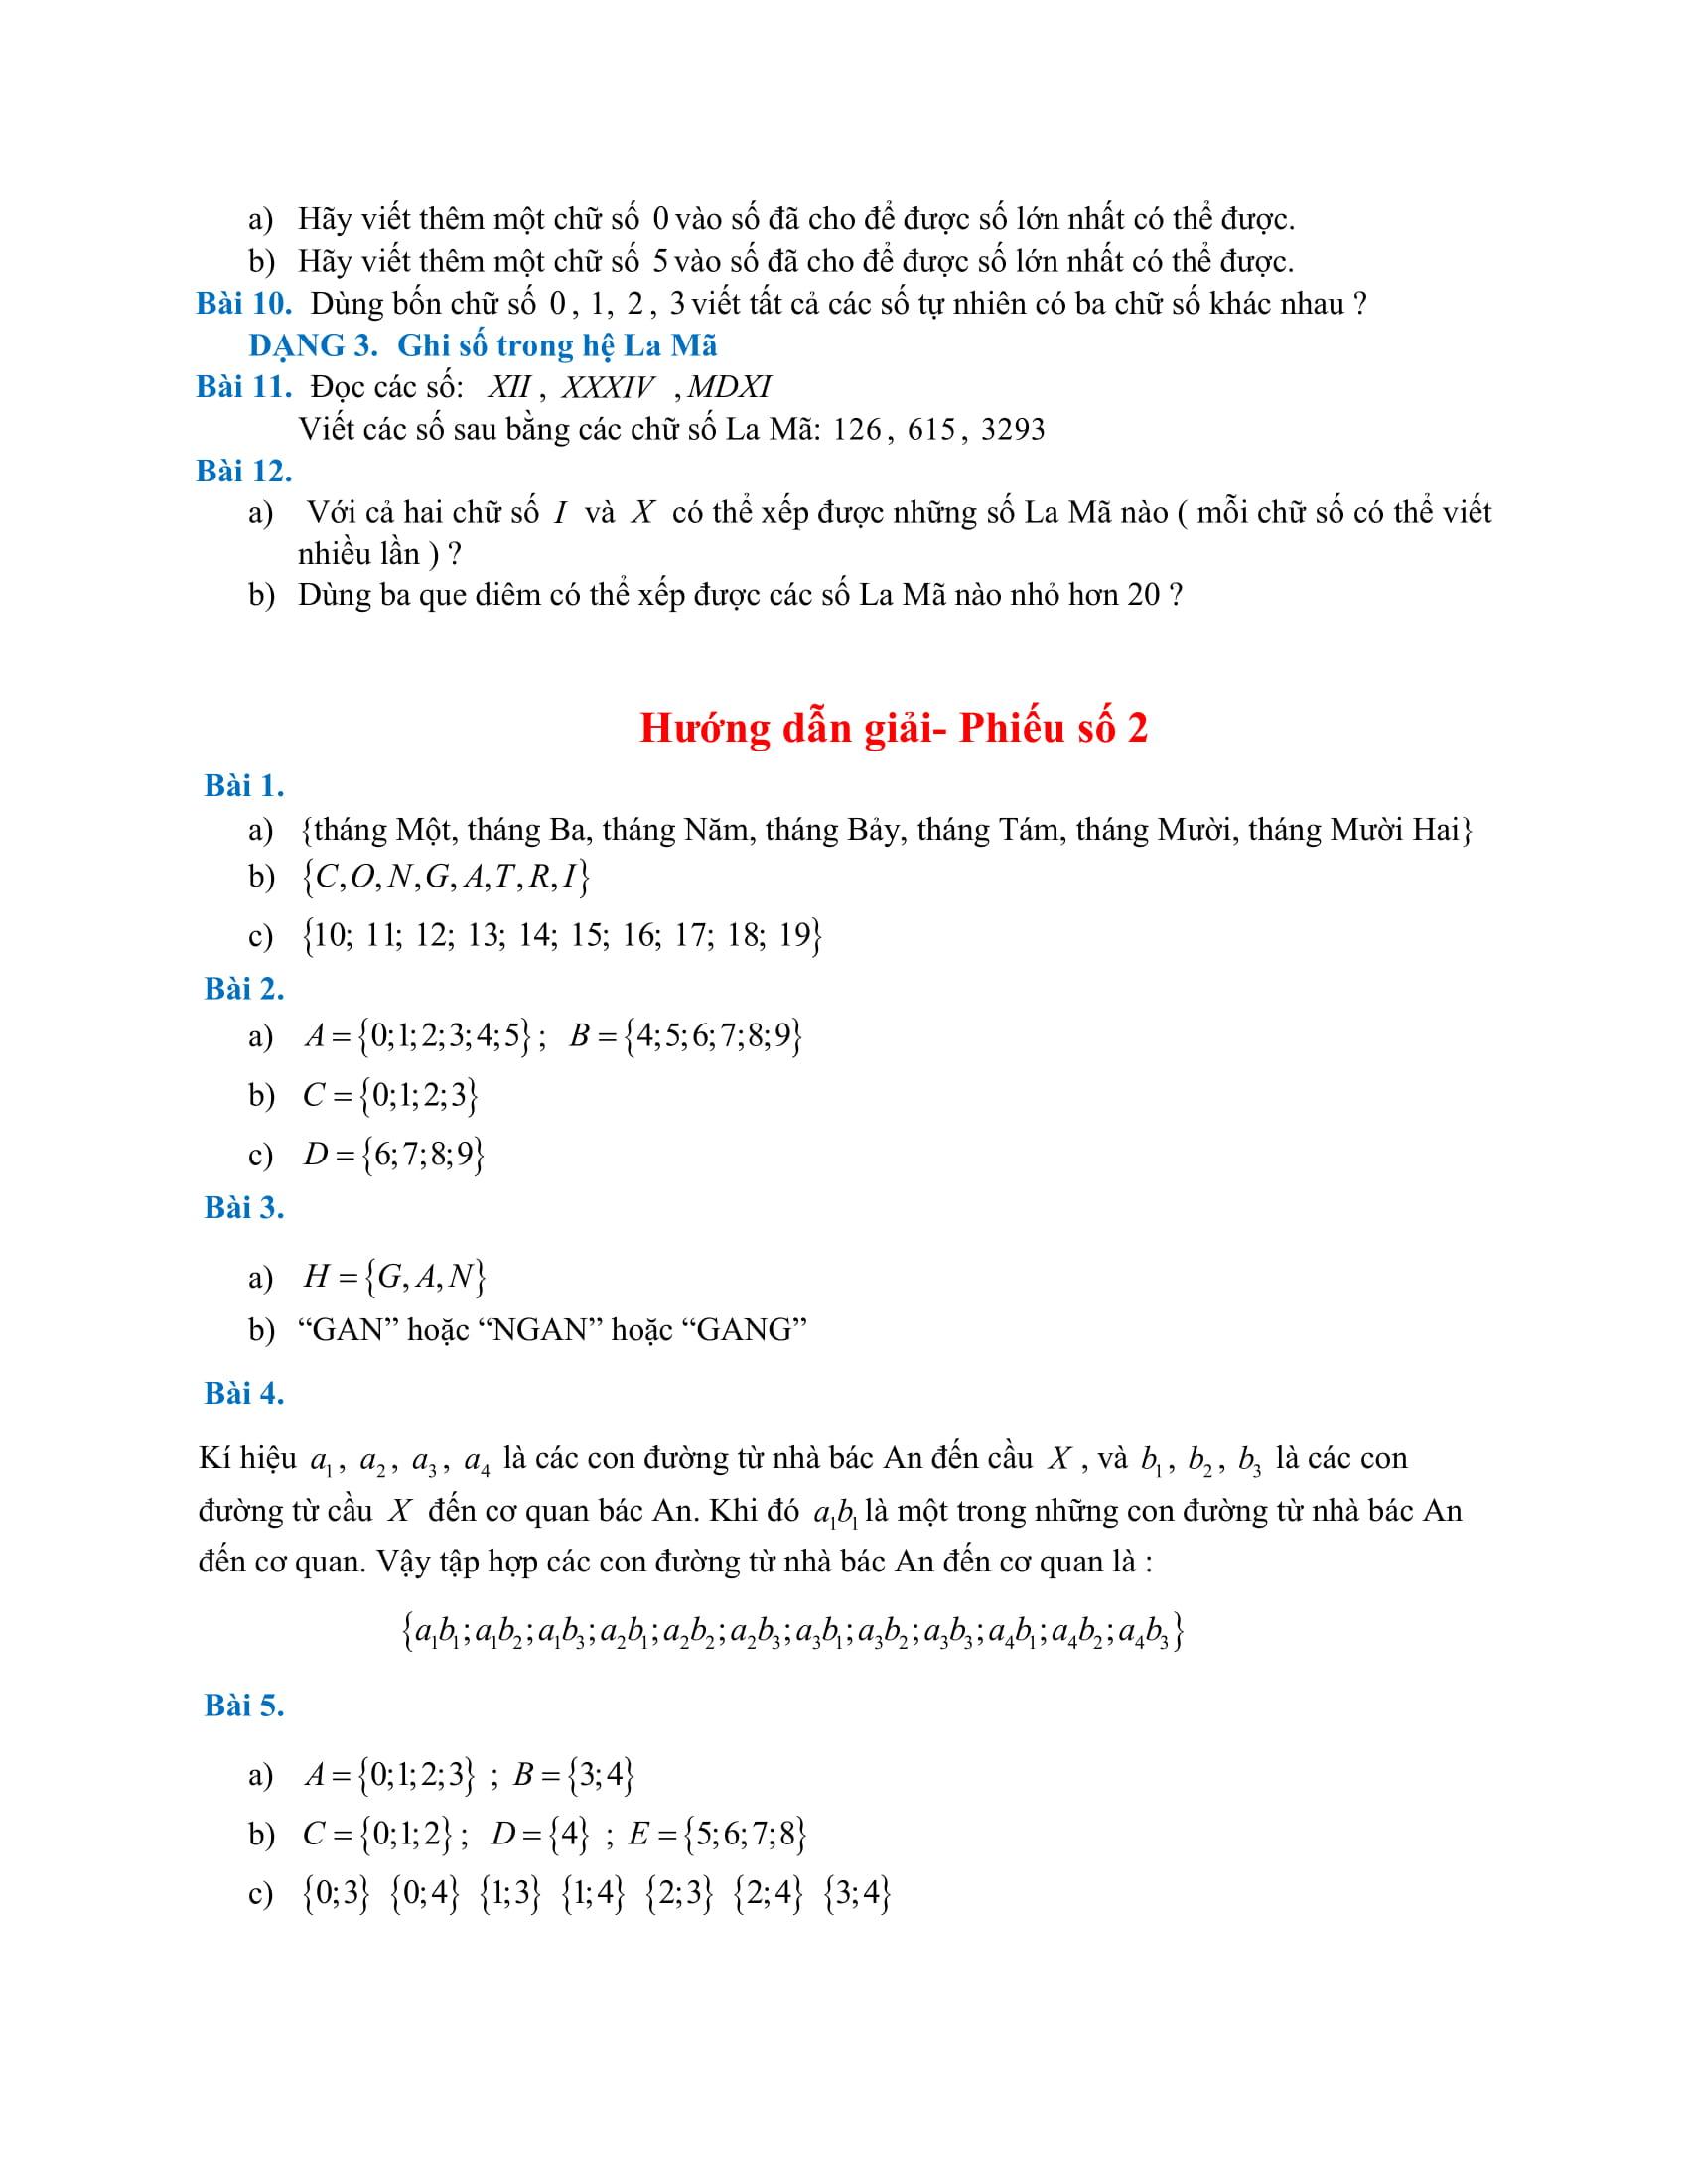 Phiếu bài tập Đại số HK1 Toán 6 - Tuần 1 đến tuần 9